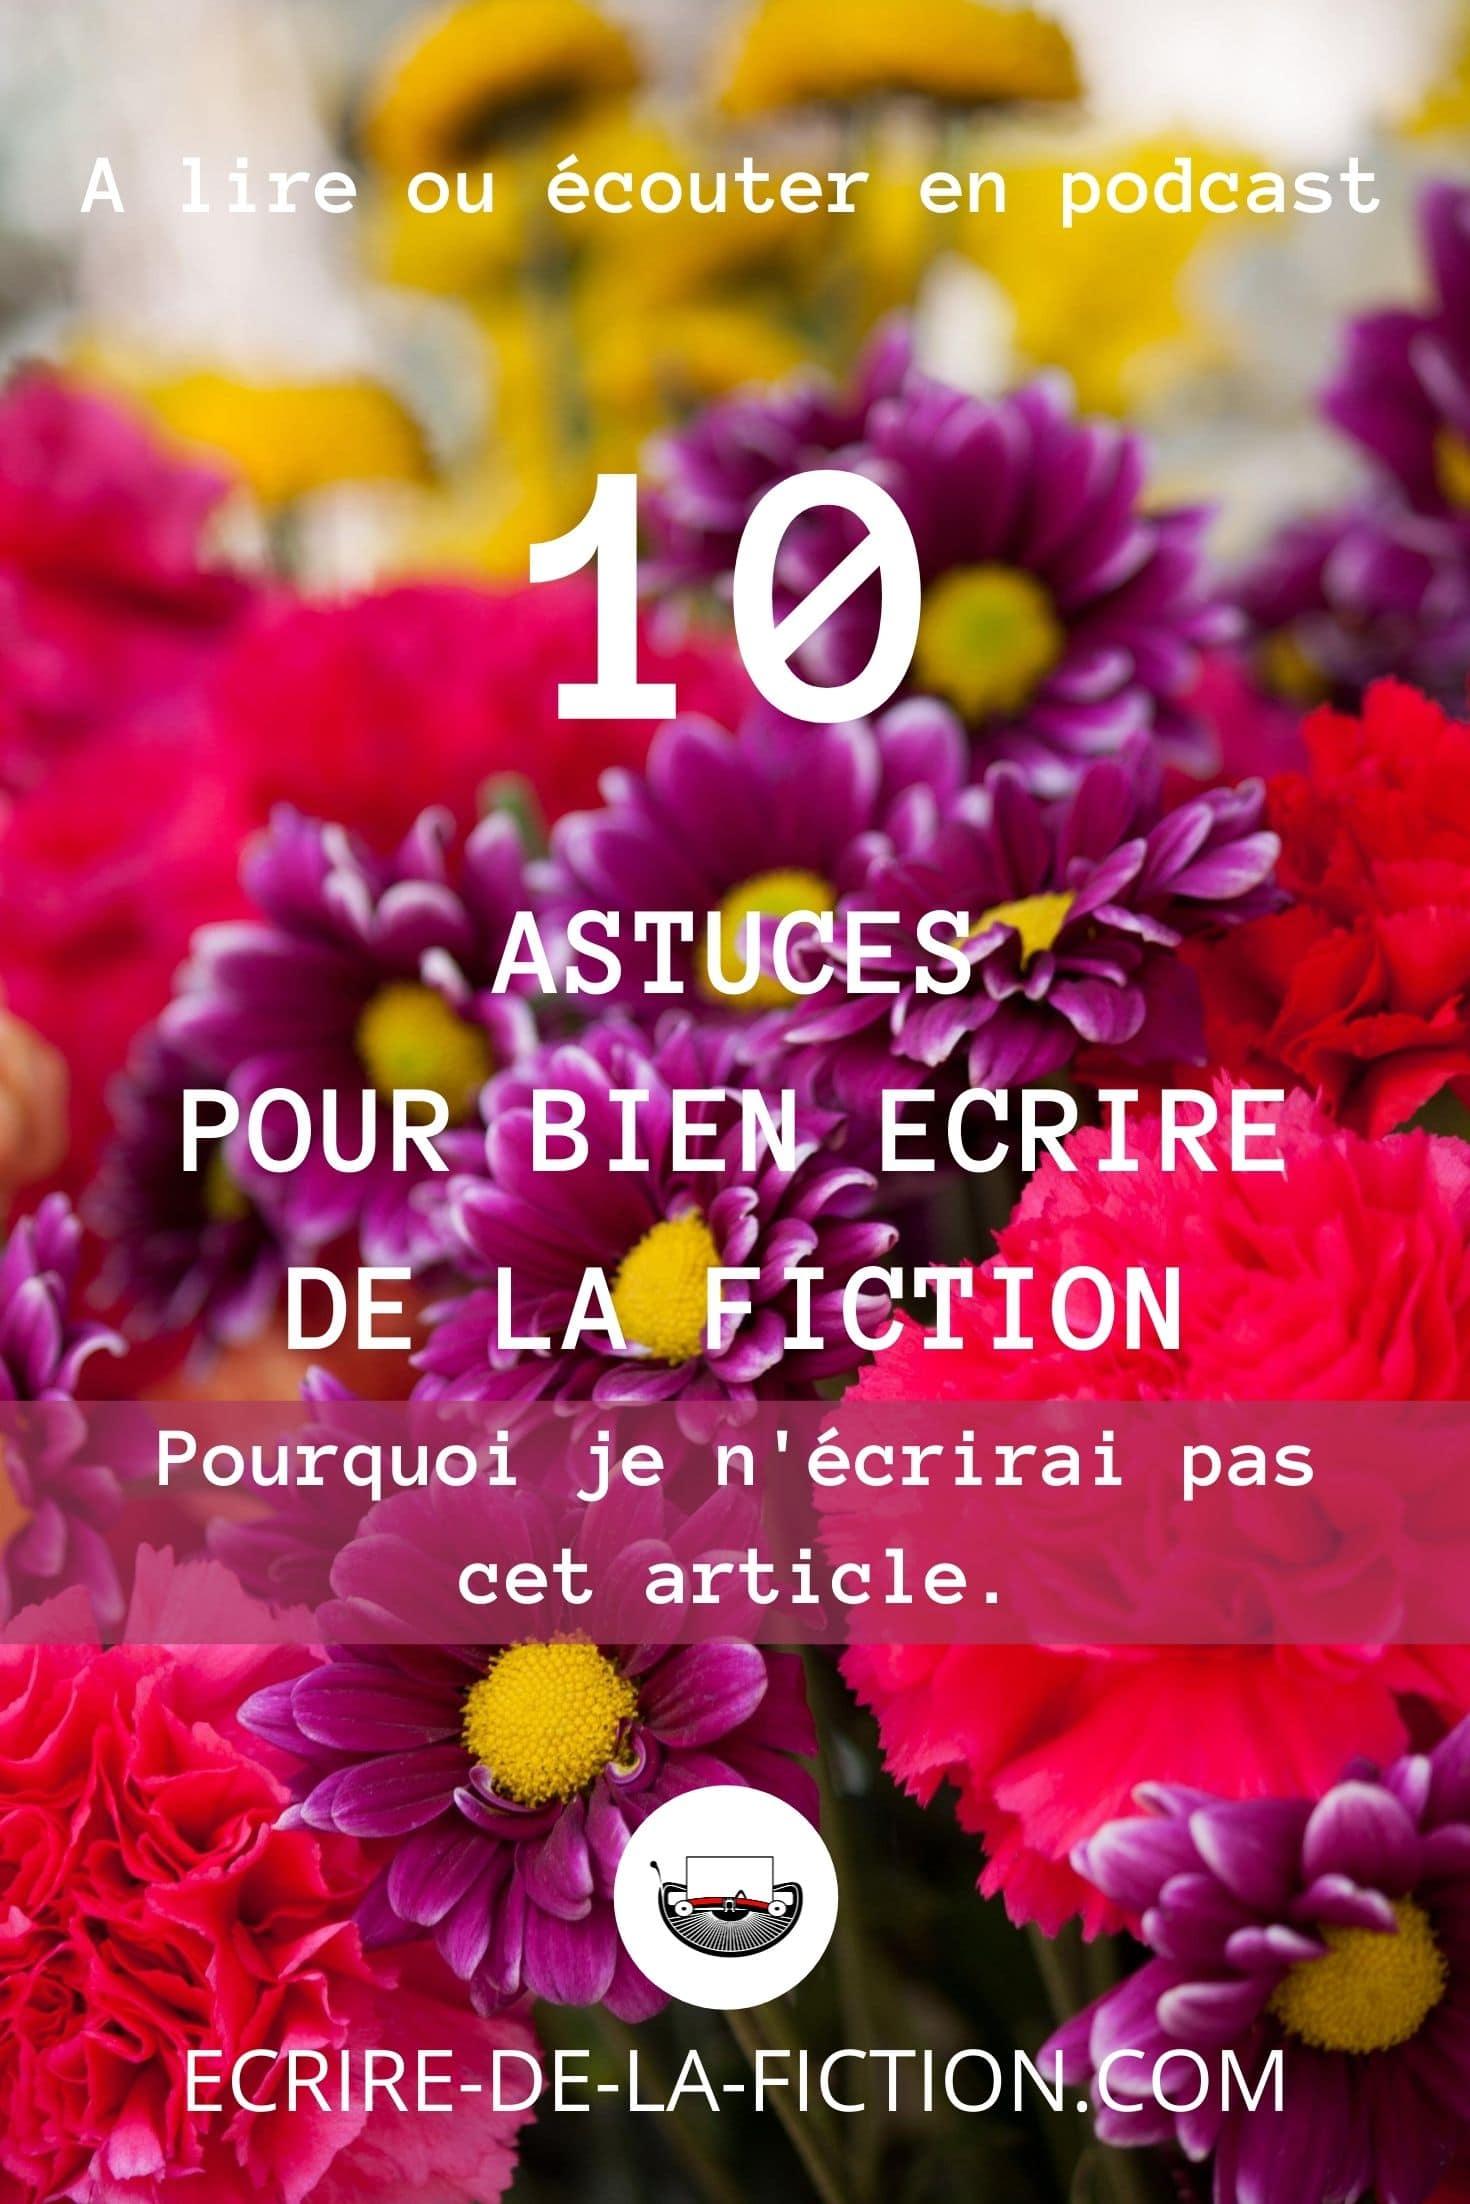 10 astuces pour bien ecrire fiction epingle pinterest